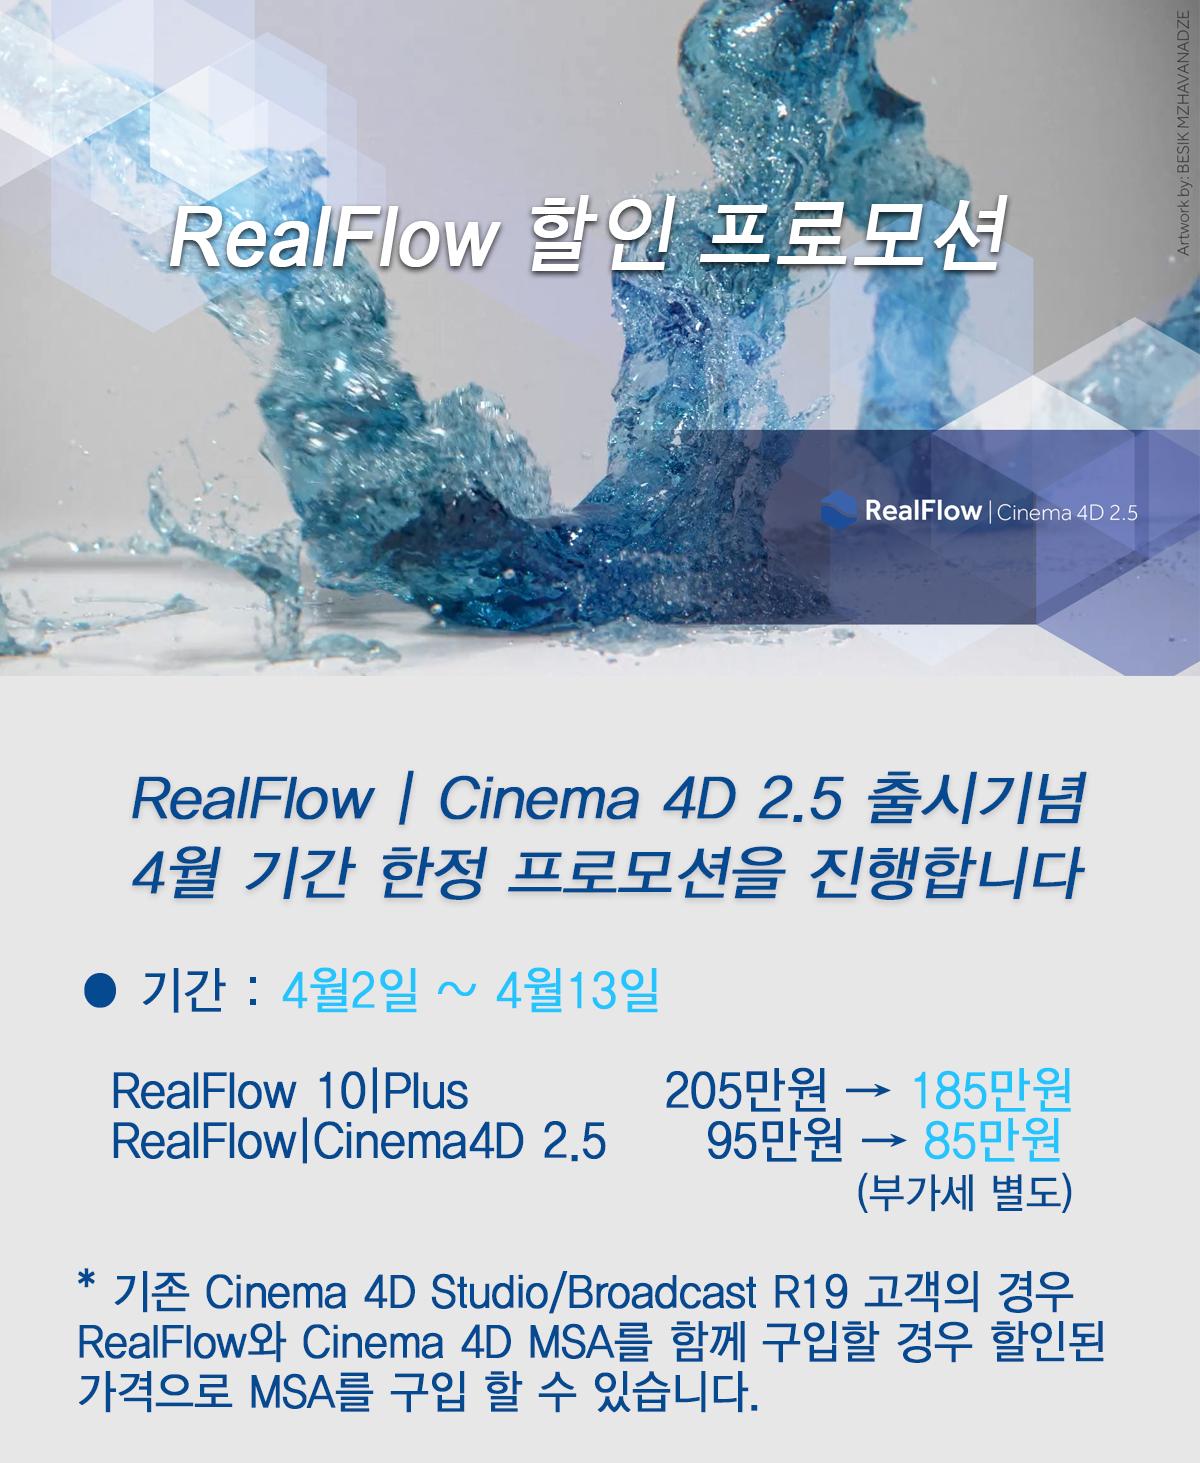 RF_C4D_2018_04 promo.png